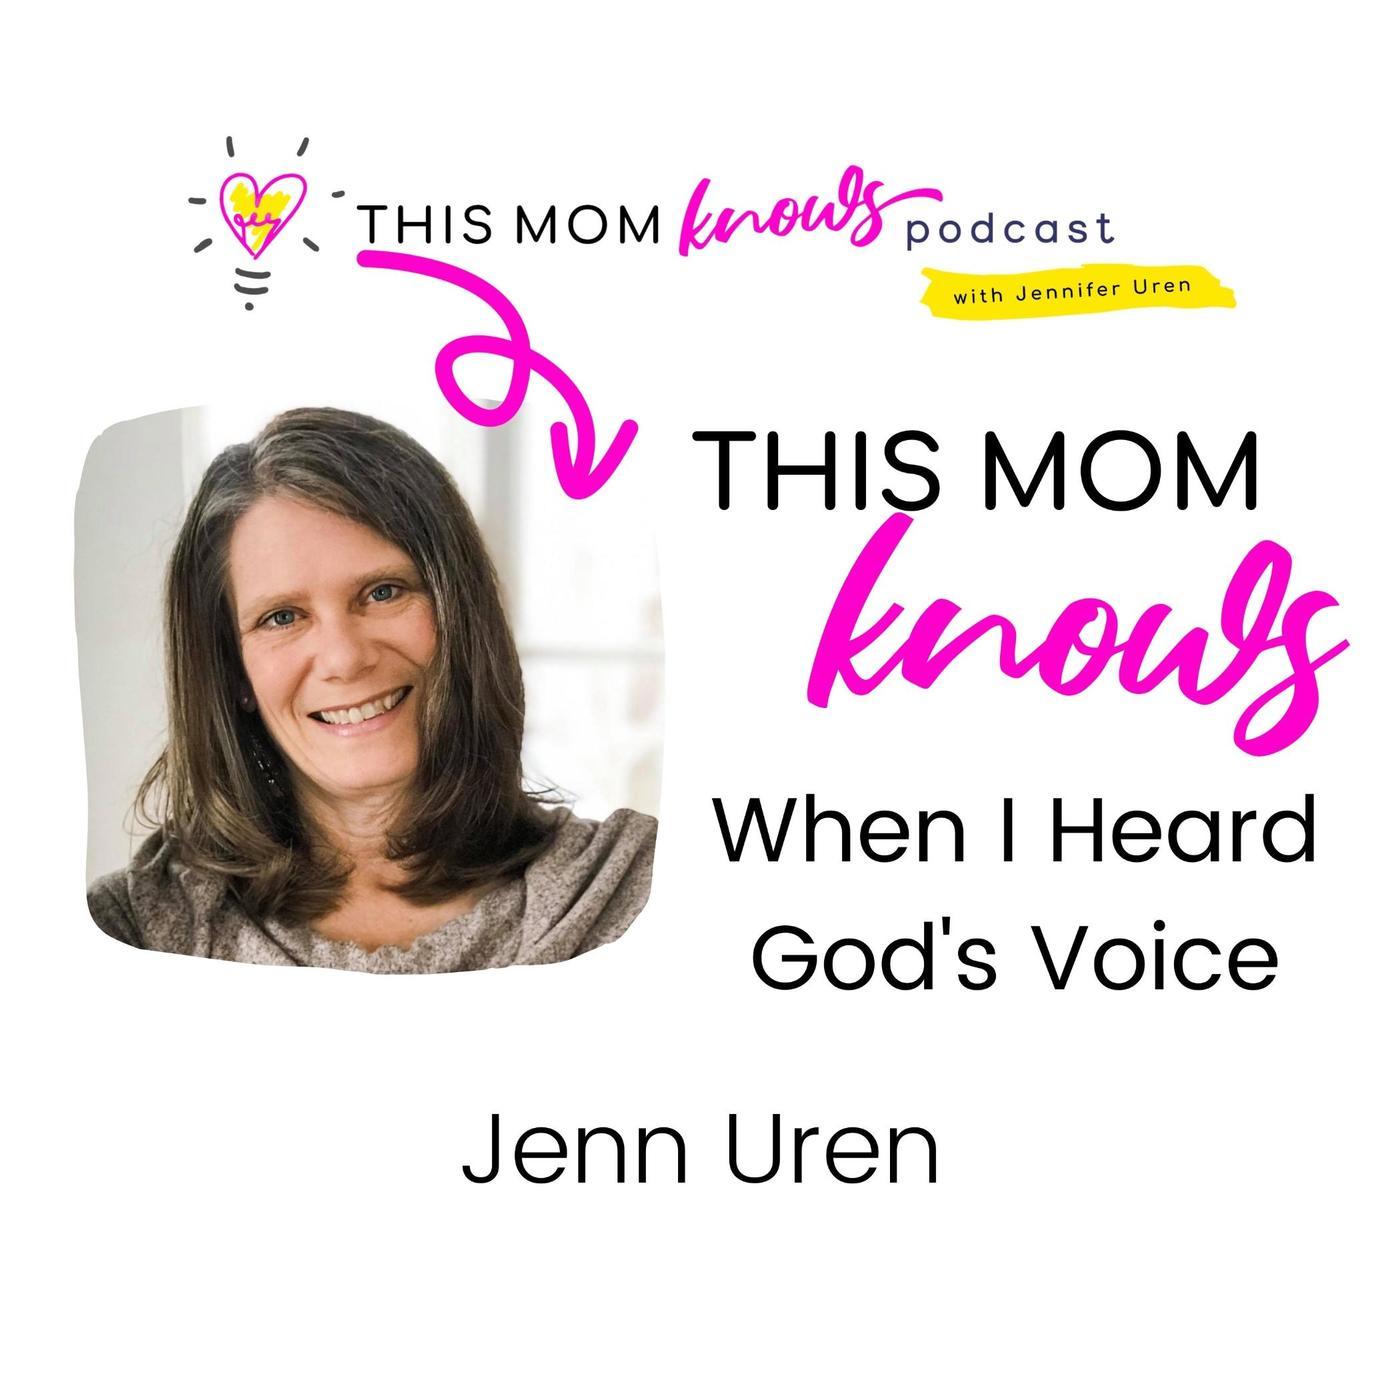 Jenn Uren on When I Heard God's Voice